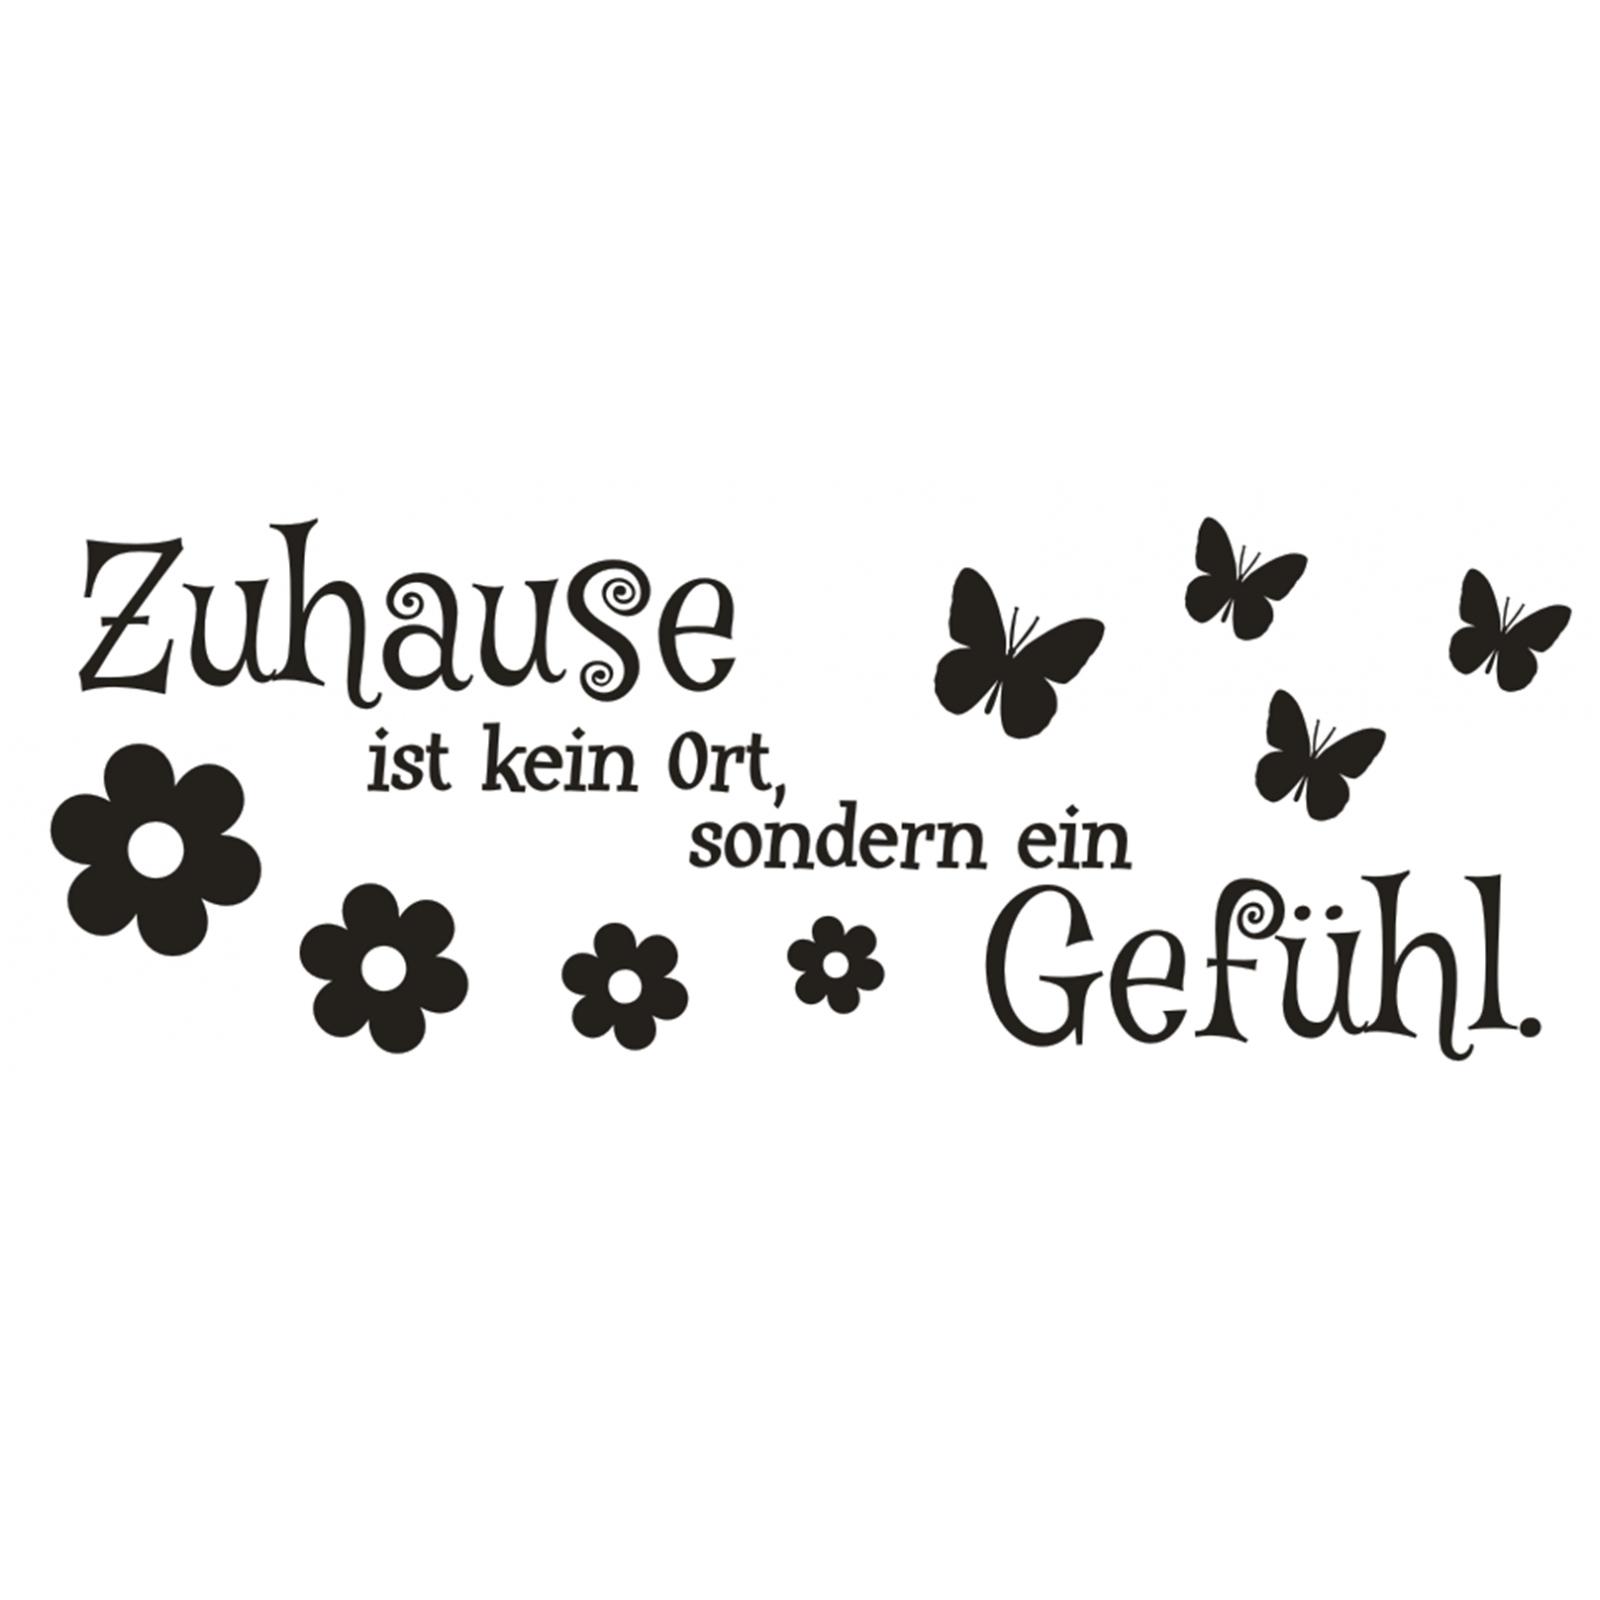 Wandtattoo-Spruch-Zuhause-kein-Ort-Gefuehl-Wandsticker-Sticker-Wandaufkleber-9 Indexbild 2